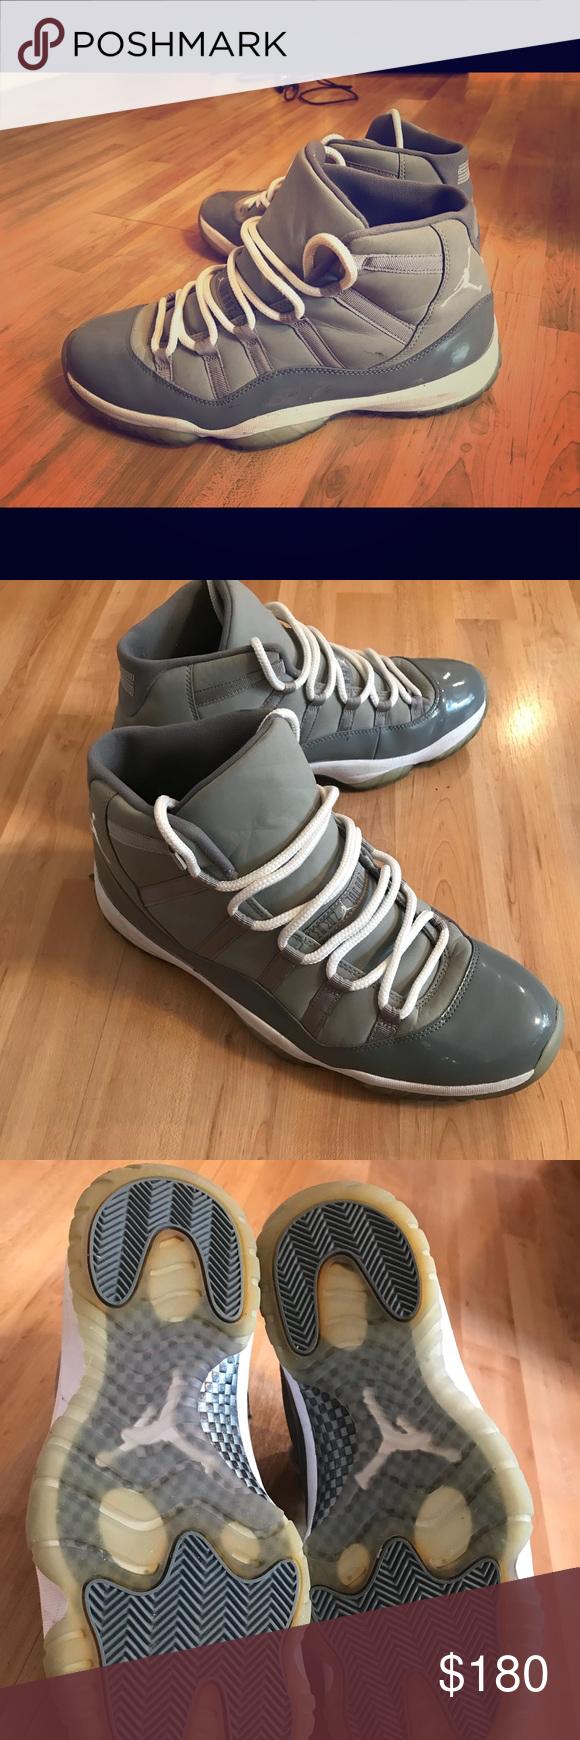 a9cf9999a7ec Jordan 11 Retro Cool Grey Good condition